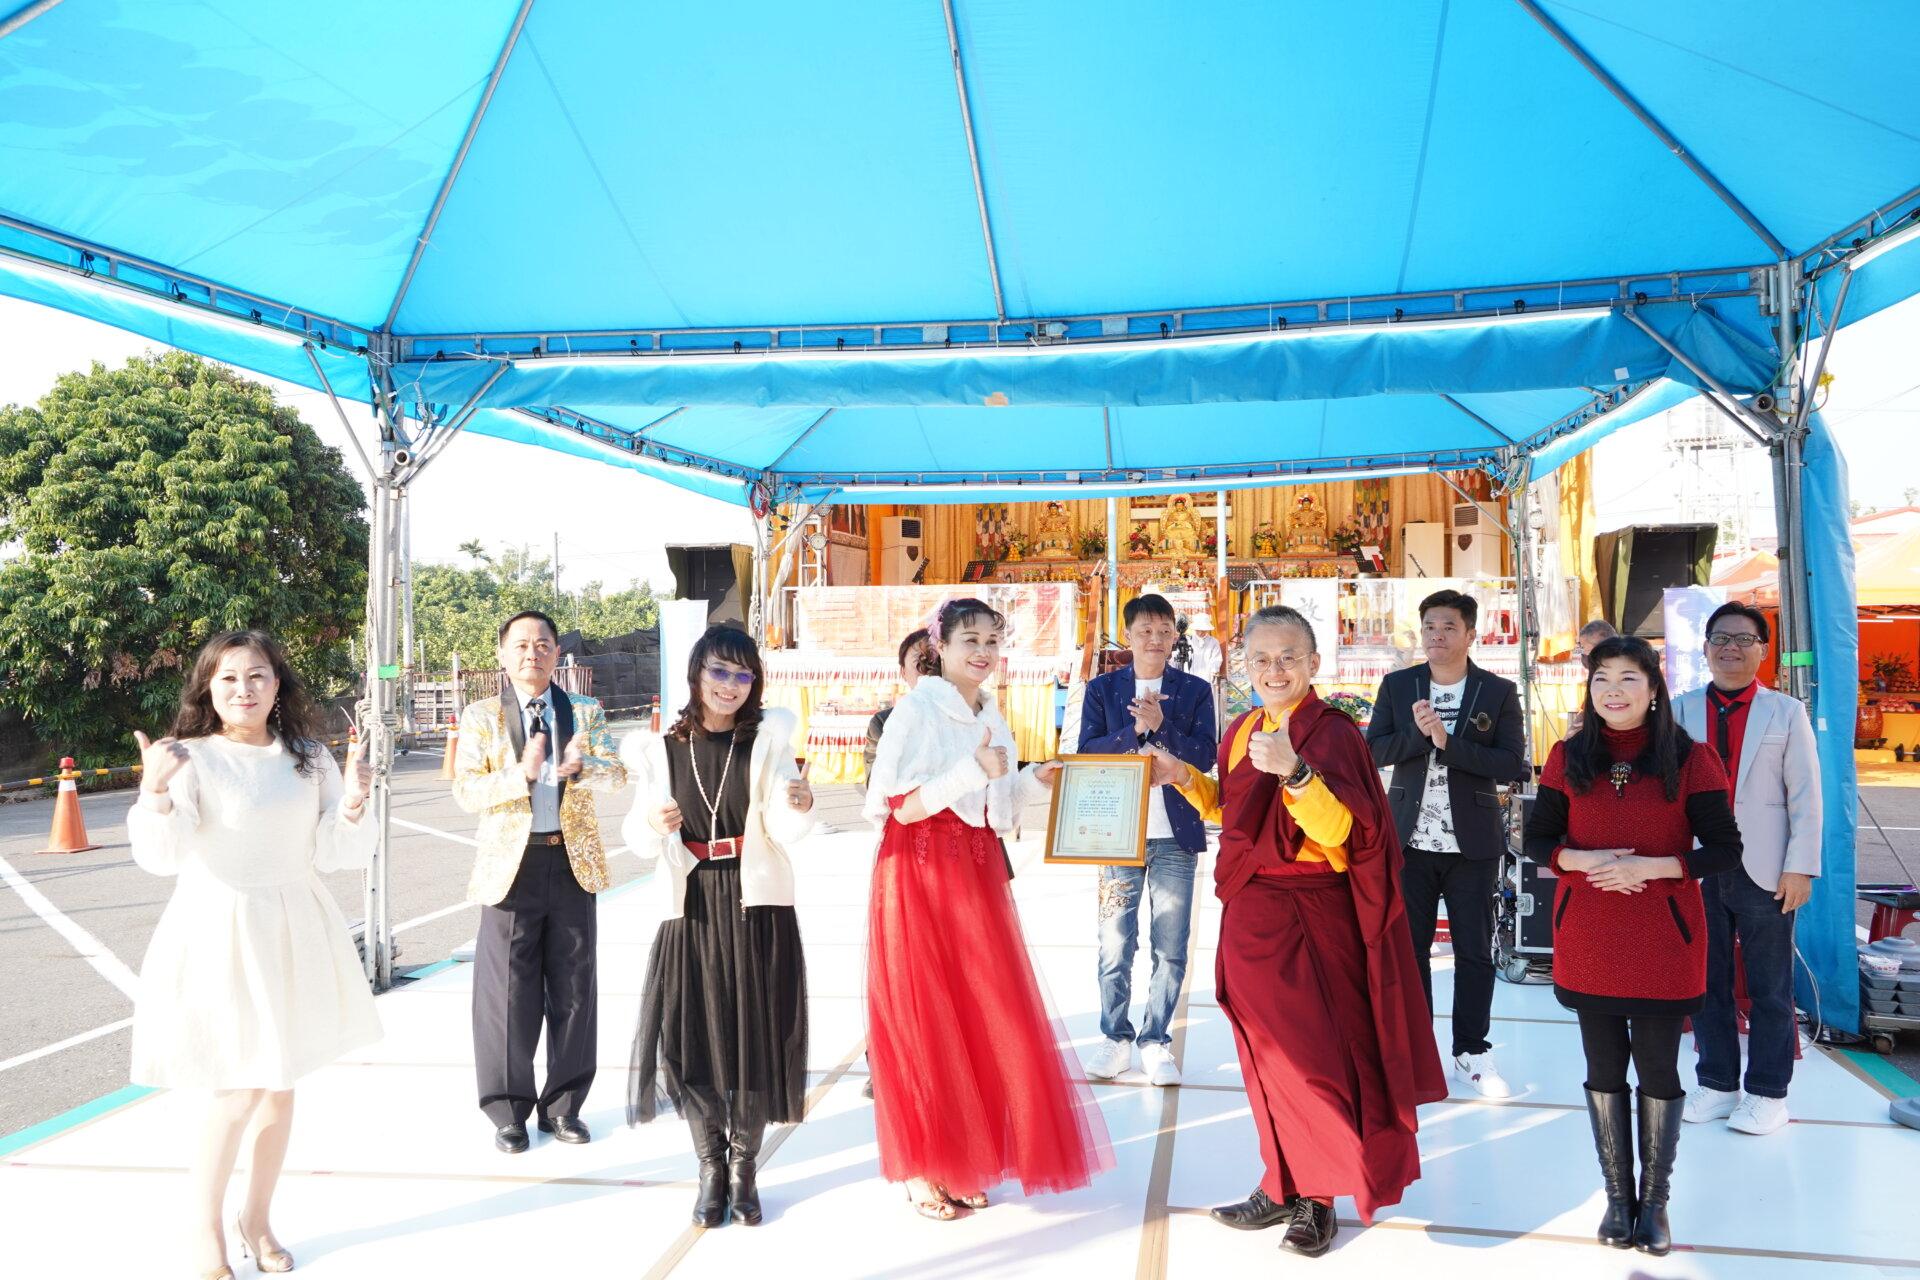 行動佛殿119站臺南麻豆,致贈感謝狀給幸福歌舞團